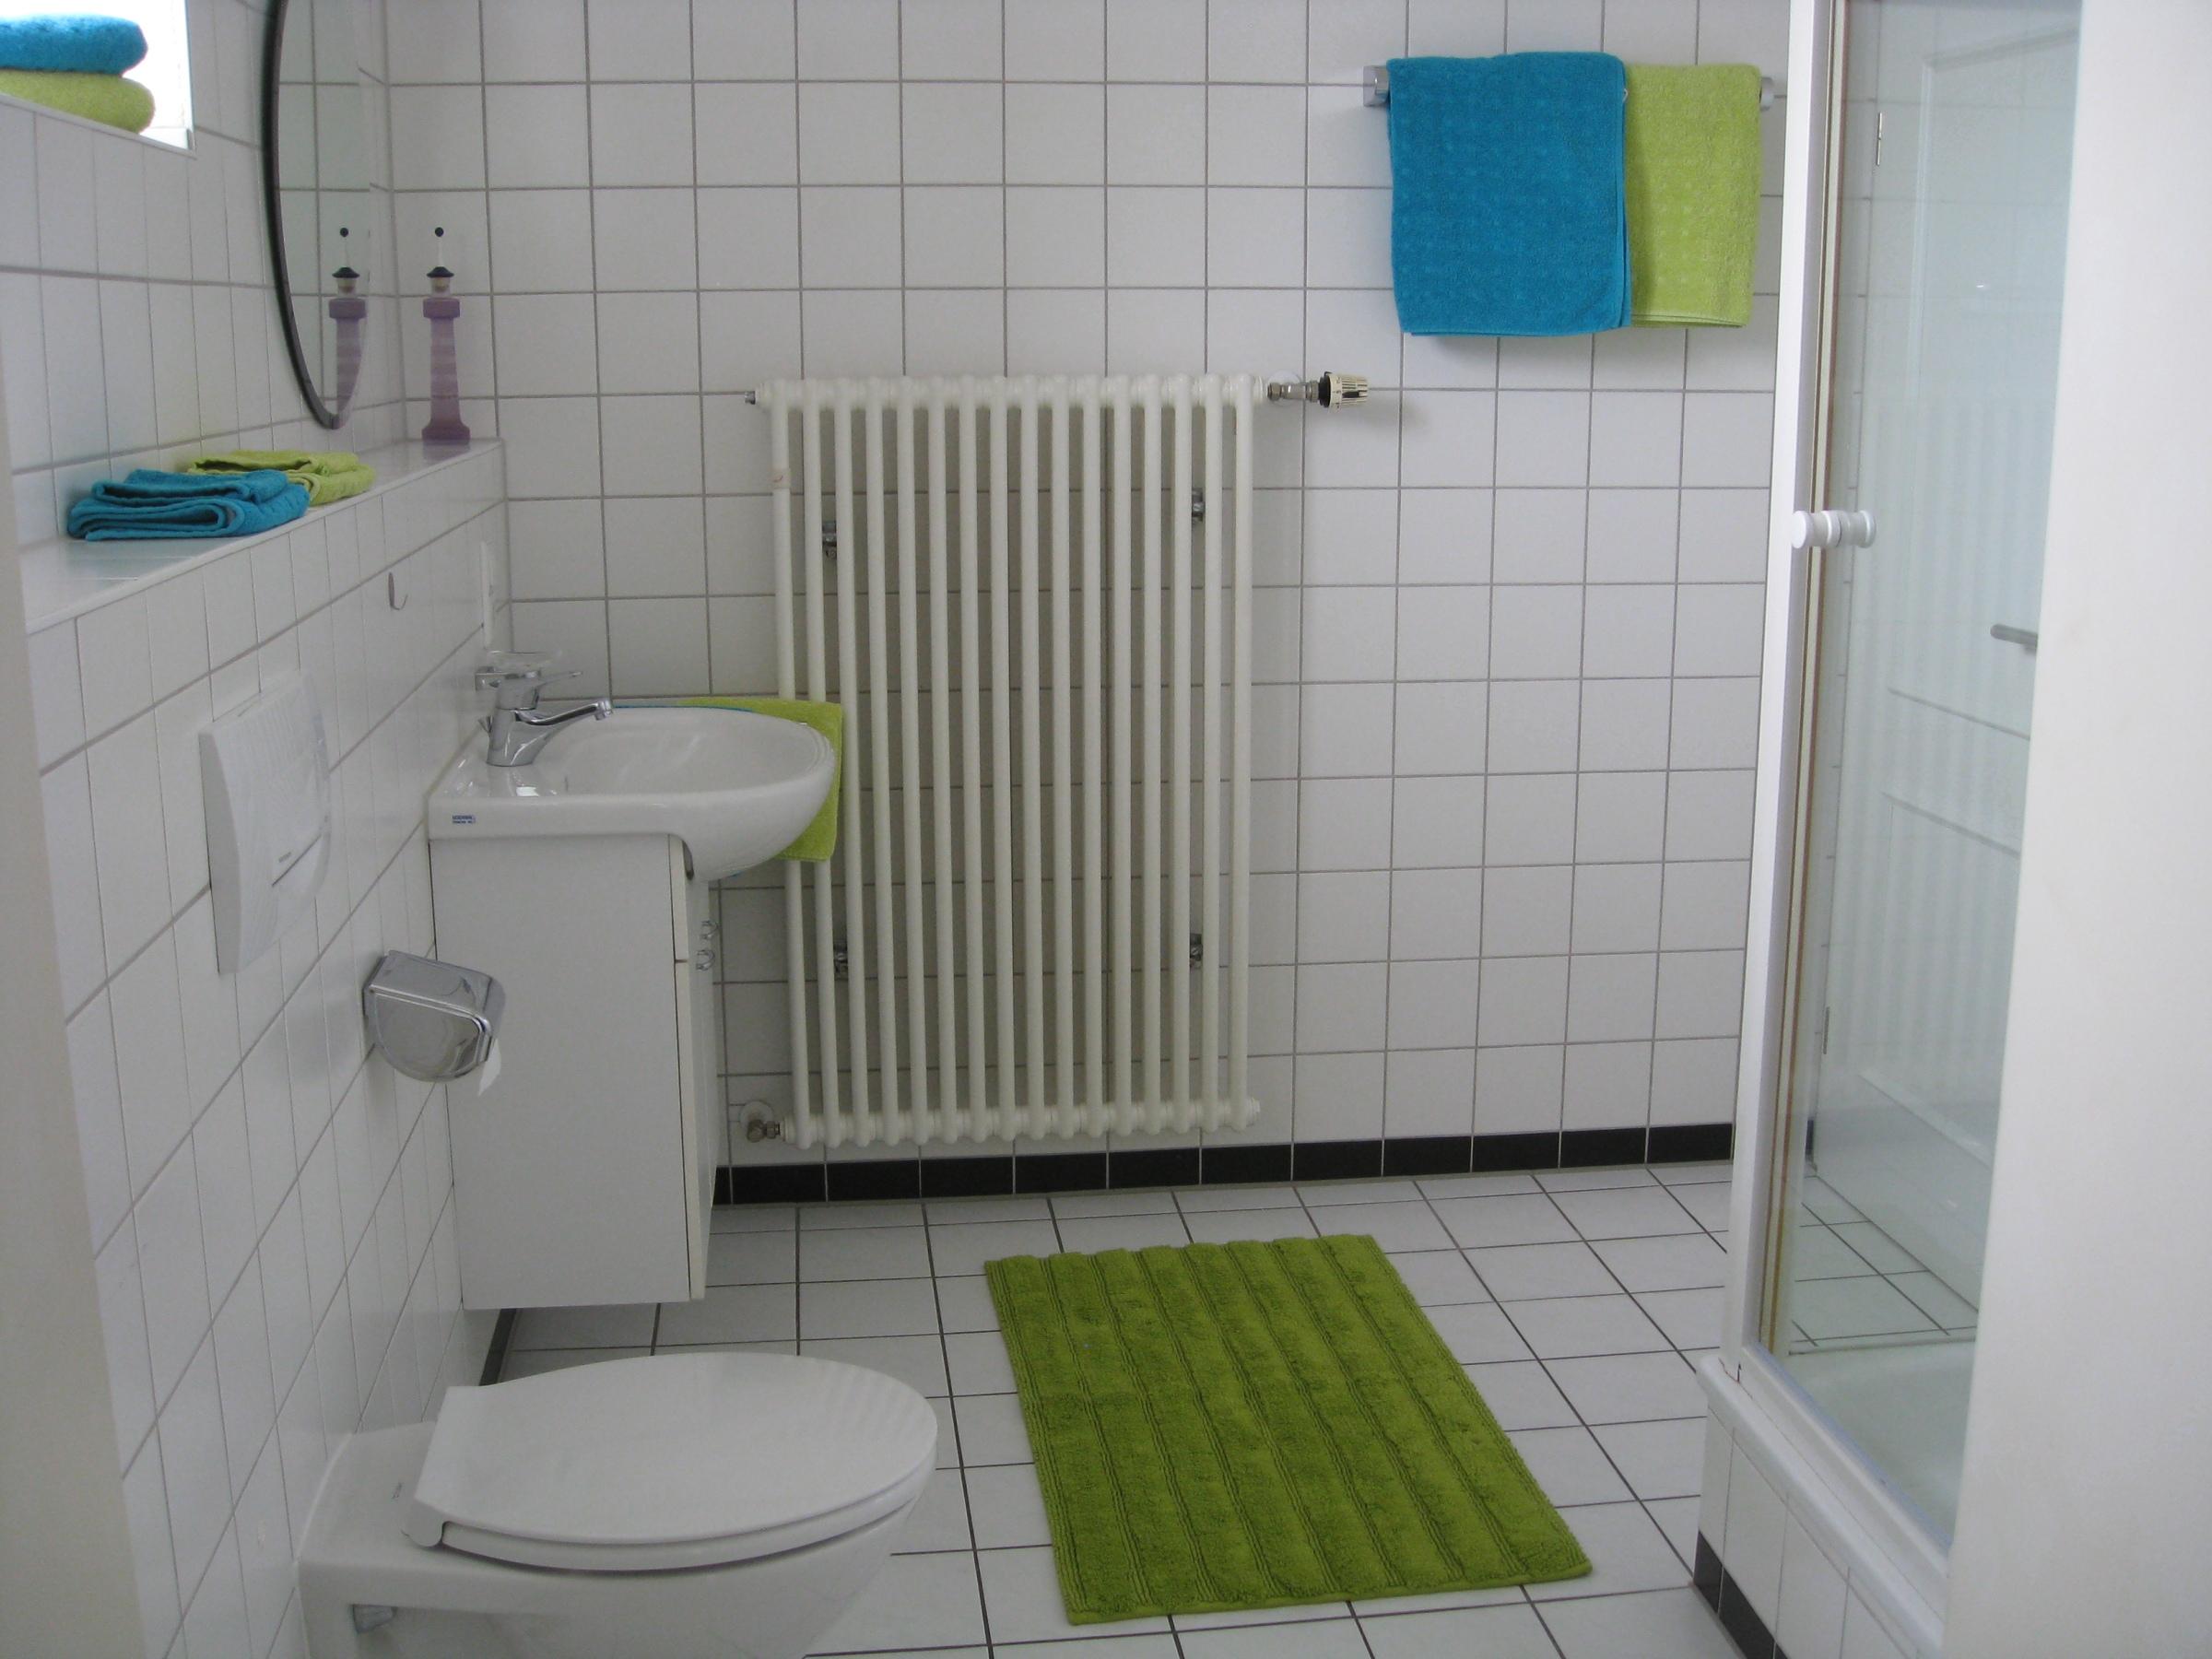 Ferienwohnung Damkröger, (Lindau am Bodensee). Ferienwohnung, 56 qm, 1 Wohn/Schlafraum, max. 4 Personen (1492589), Lindau, Bodensee (D), Baden-Württemberg, Deutschland, Bild 14